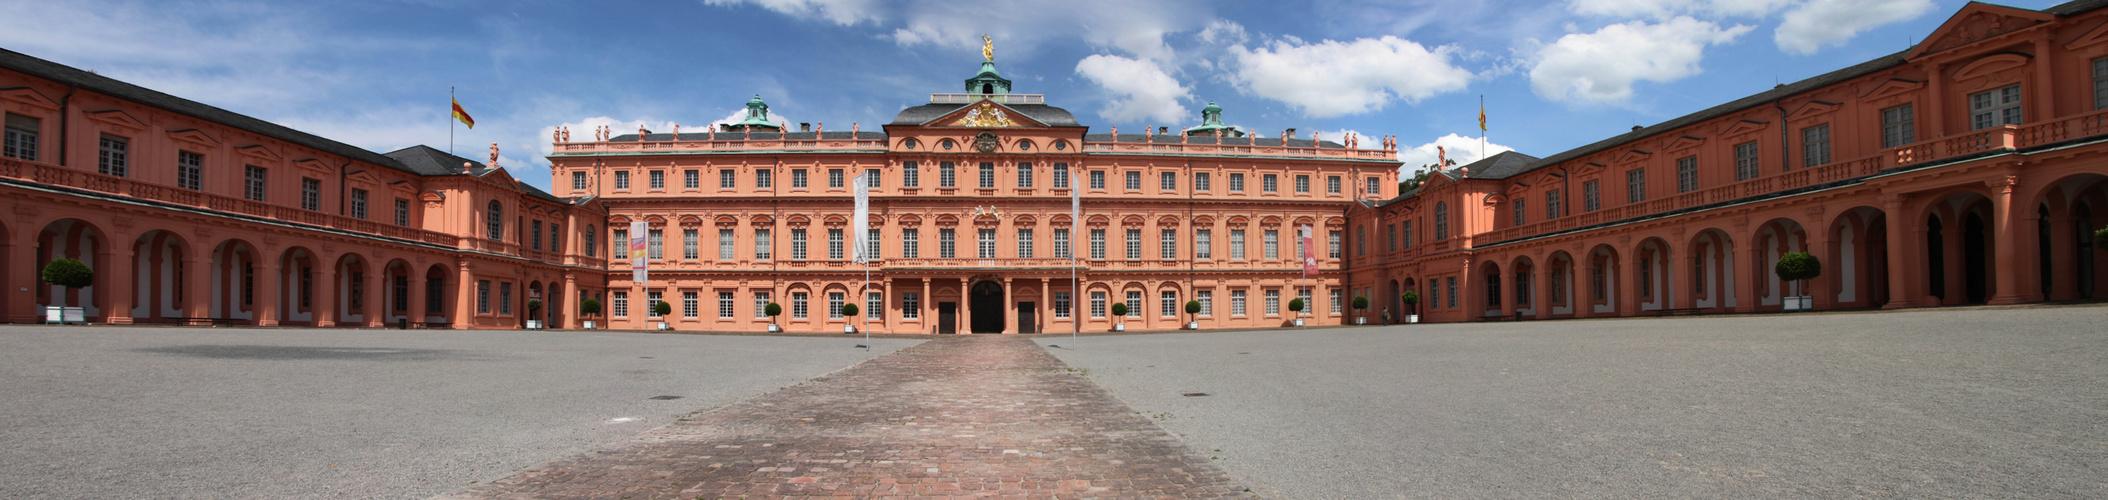 Schloss Rastatt panorama